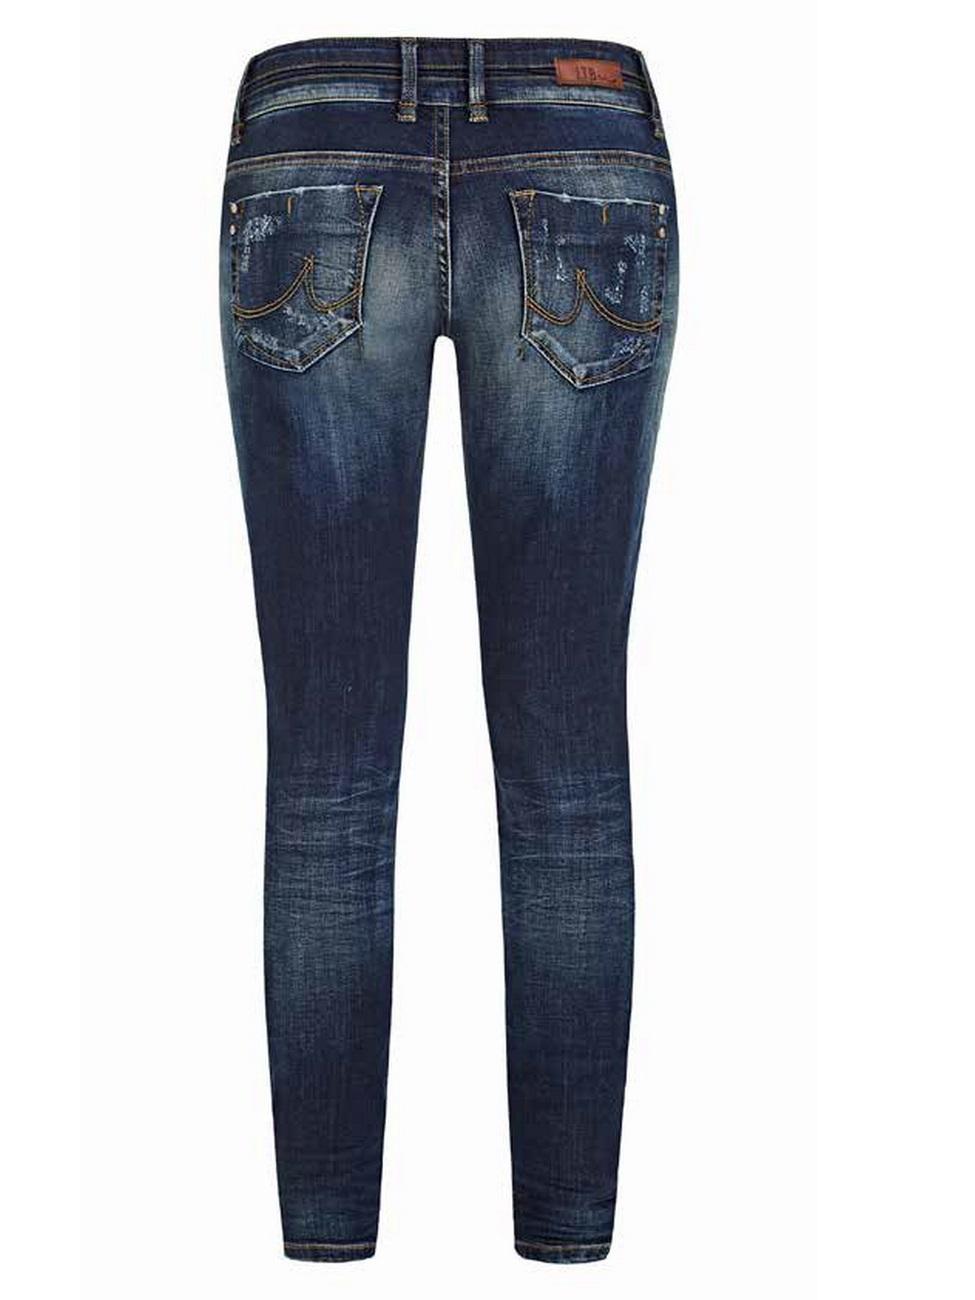 ltb damen jeans julita x extra skinny fit blau serene wash kaufen jeans direct de. Black Bedroom Furniture Sets. Home Design Ideas